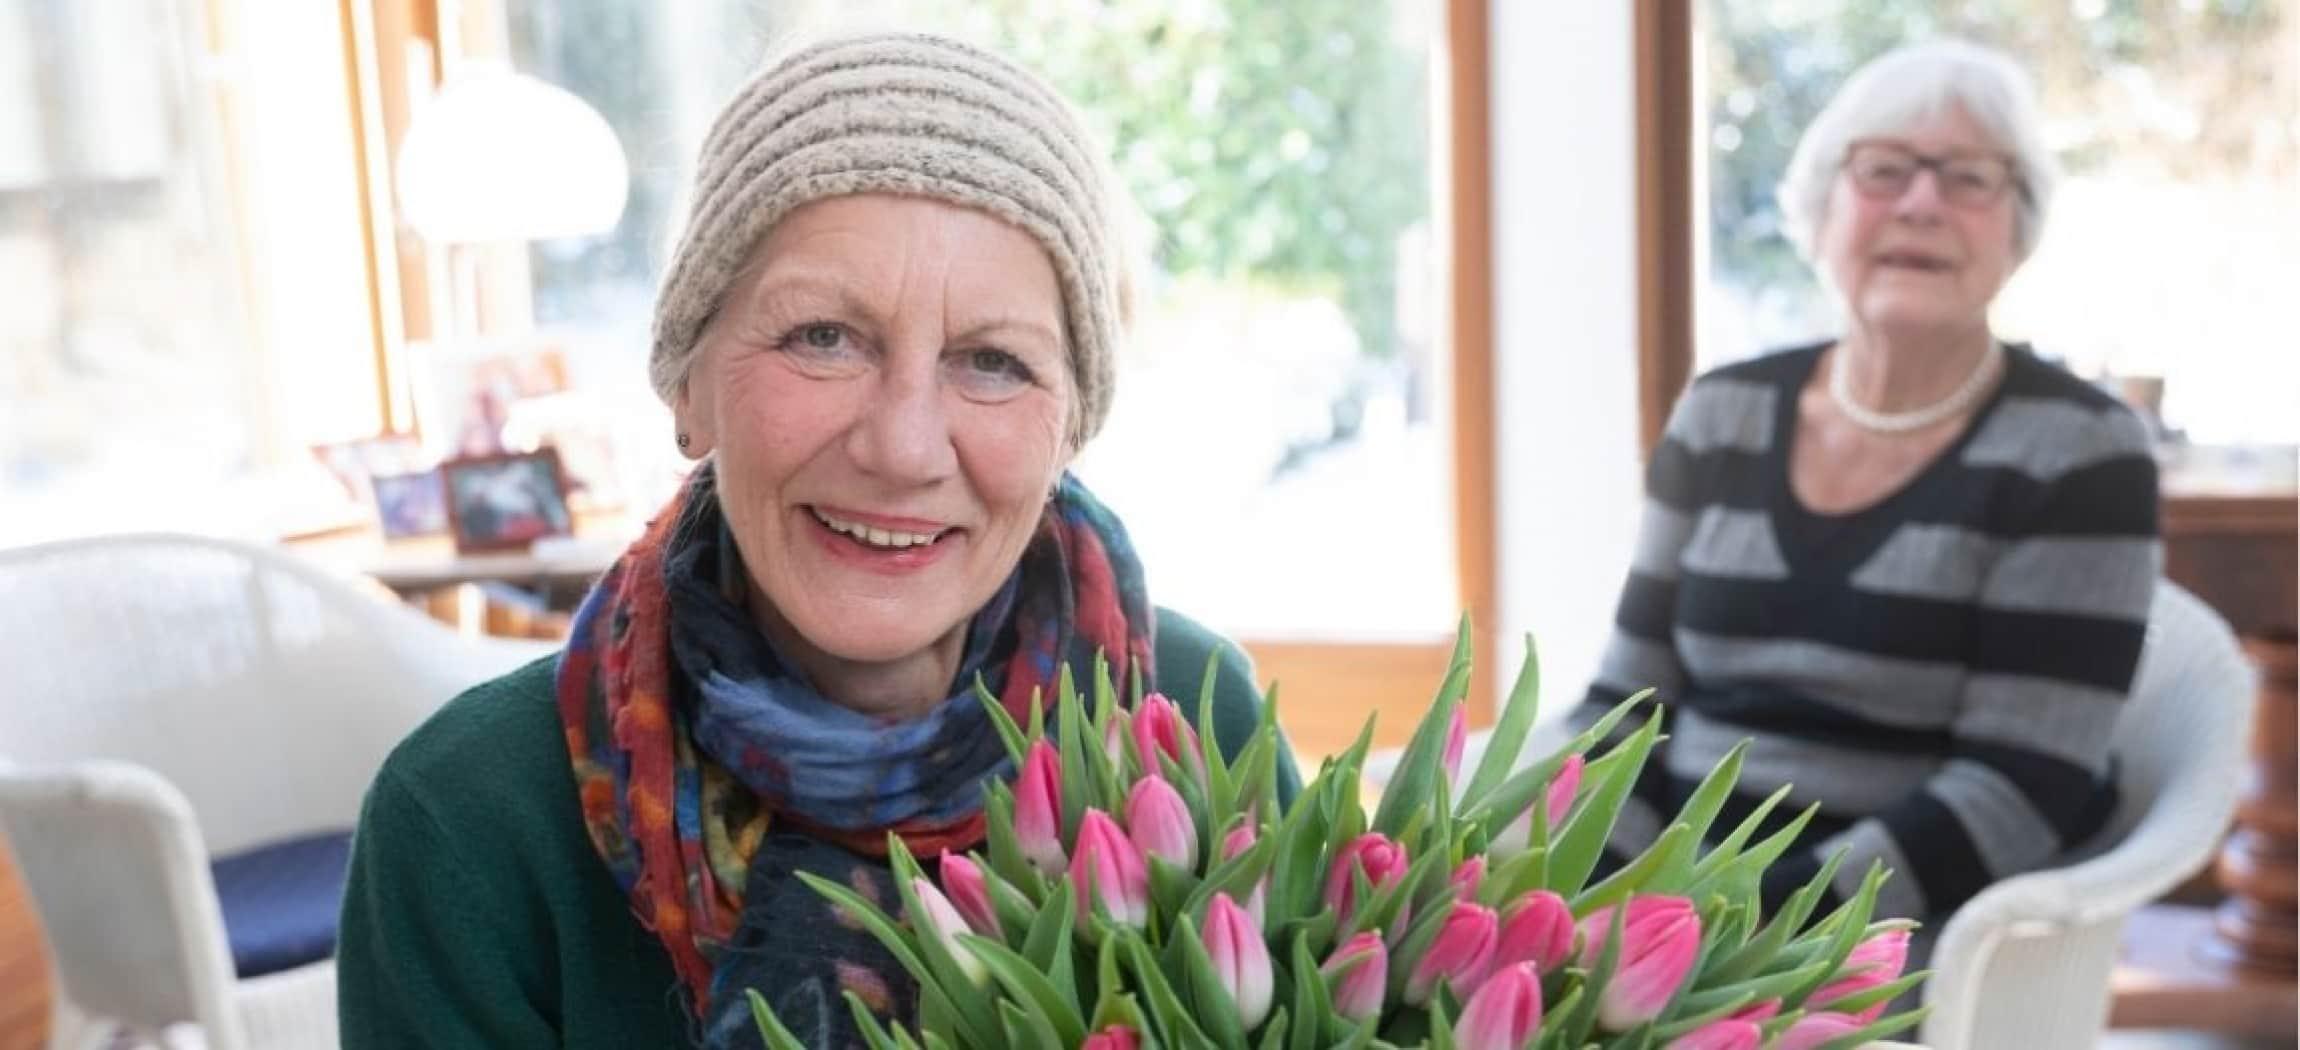 Manja Bunschoten van Amstelring Wijkzorg met een bos tulpen in haar handen